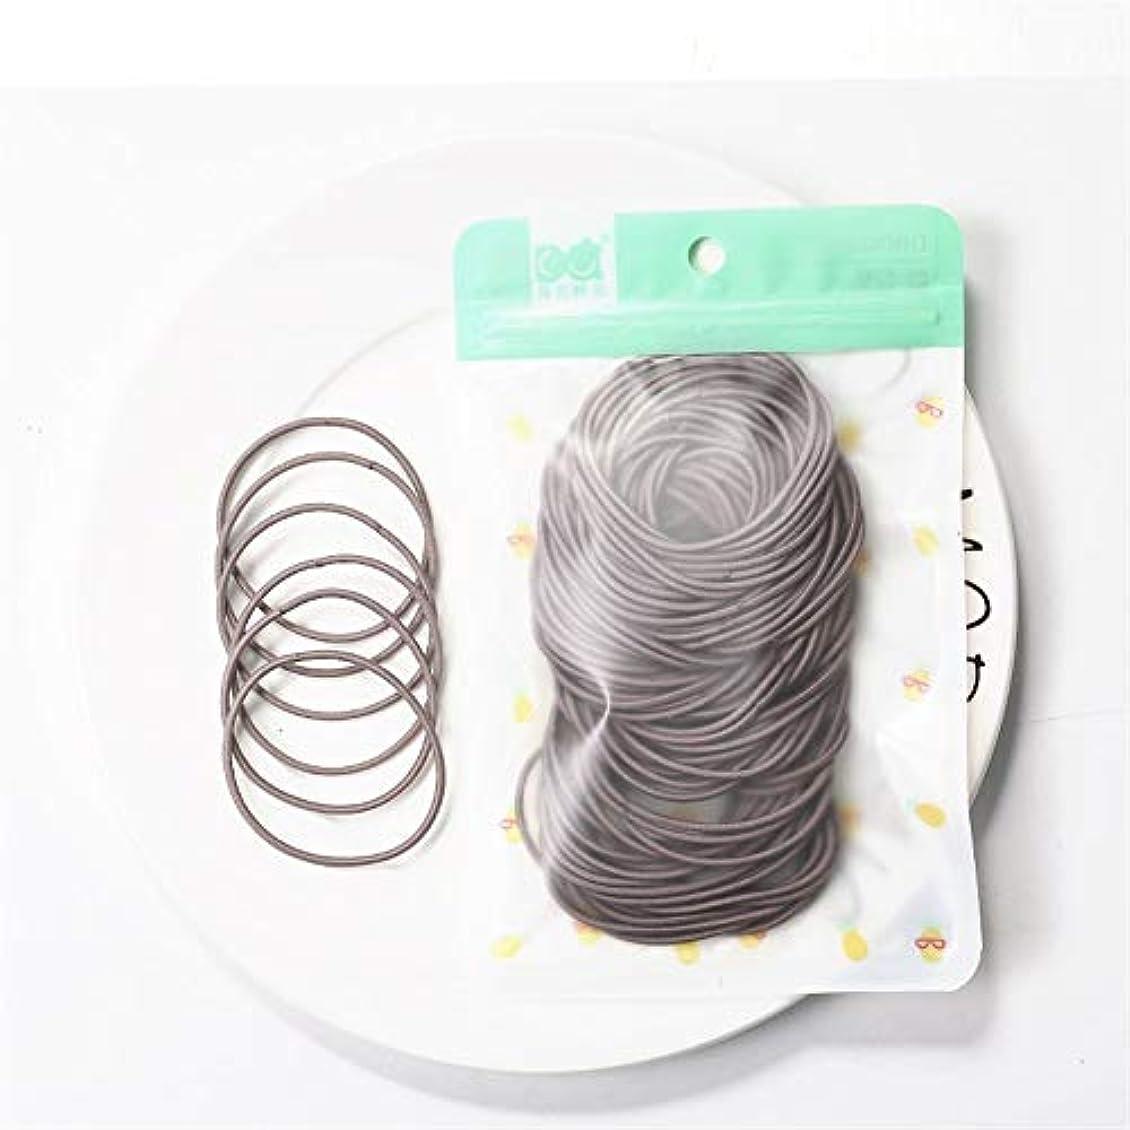 西時計免疫するZHILI 髪のためのシュシュ弾性ヘアバンドヘッドバンドの女の子の装飾タイガムgummibänderヘアアクセサリーの女性の100枚 (Color : E)